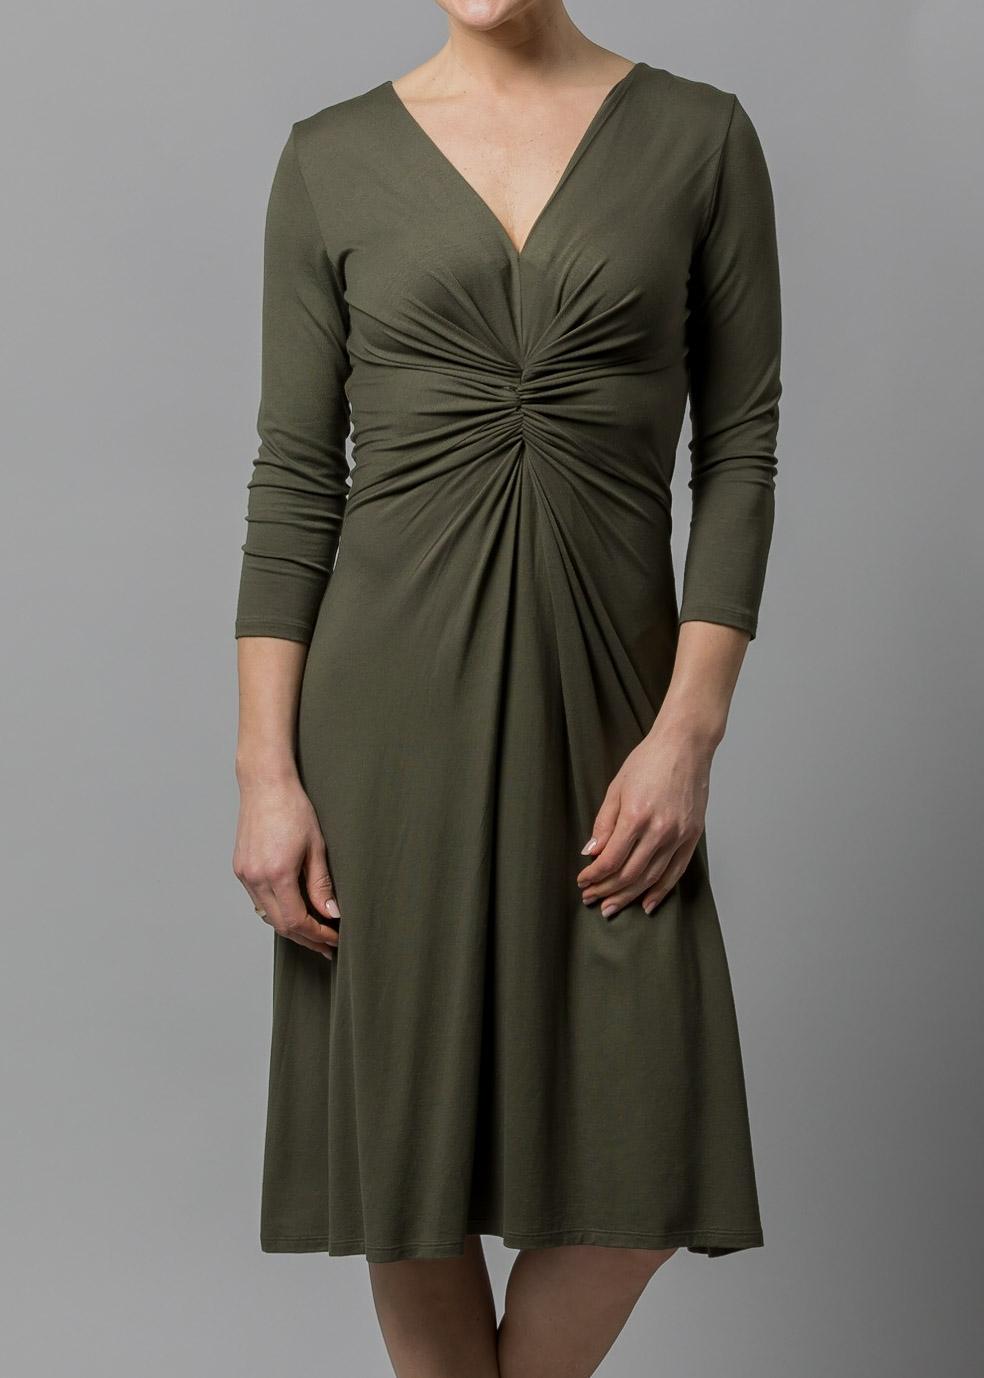 jerseykleid v ausschnitt ein Connemara Sommerkleid olivgrün Gabriela aus Jersey